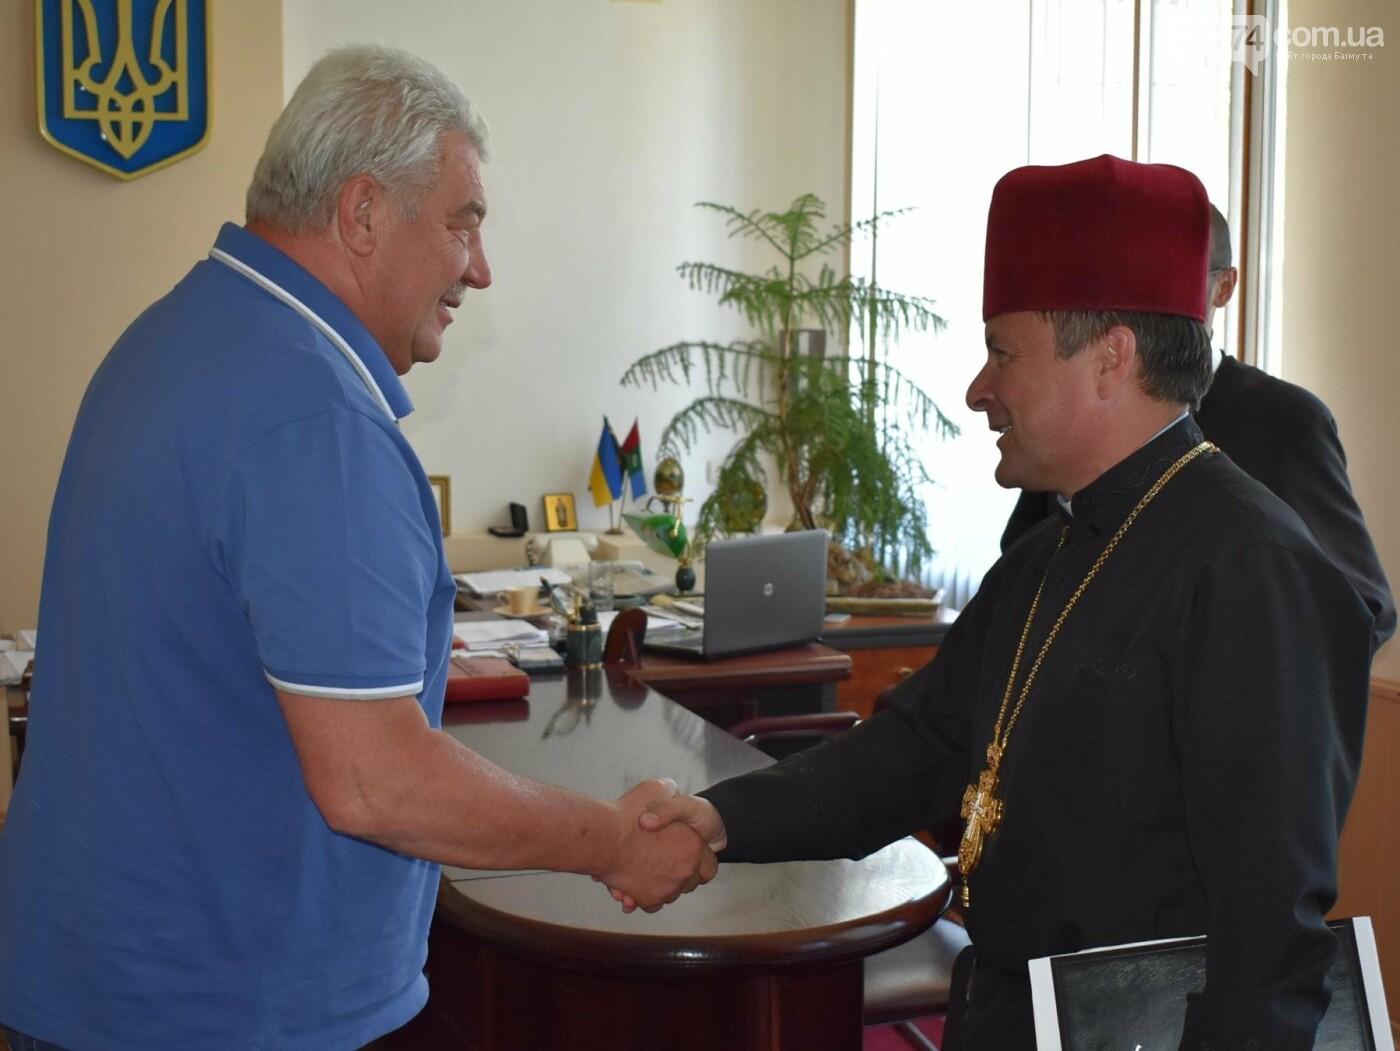 Бахмутский городской голова Алексей Рева встретился с представителями Международного благотворительного фонда «Каритас Украины», фото-3